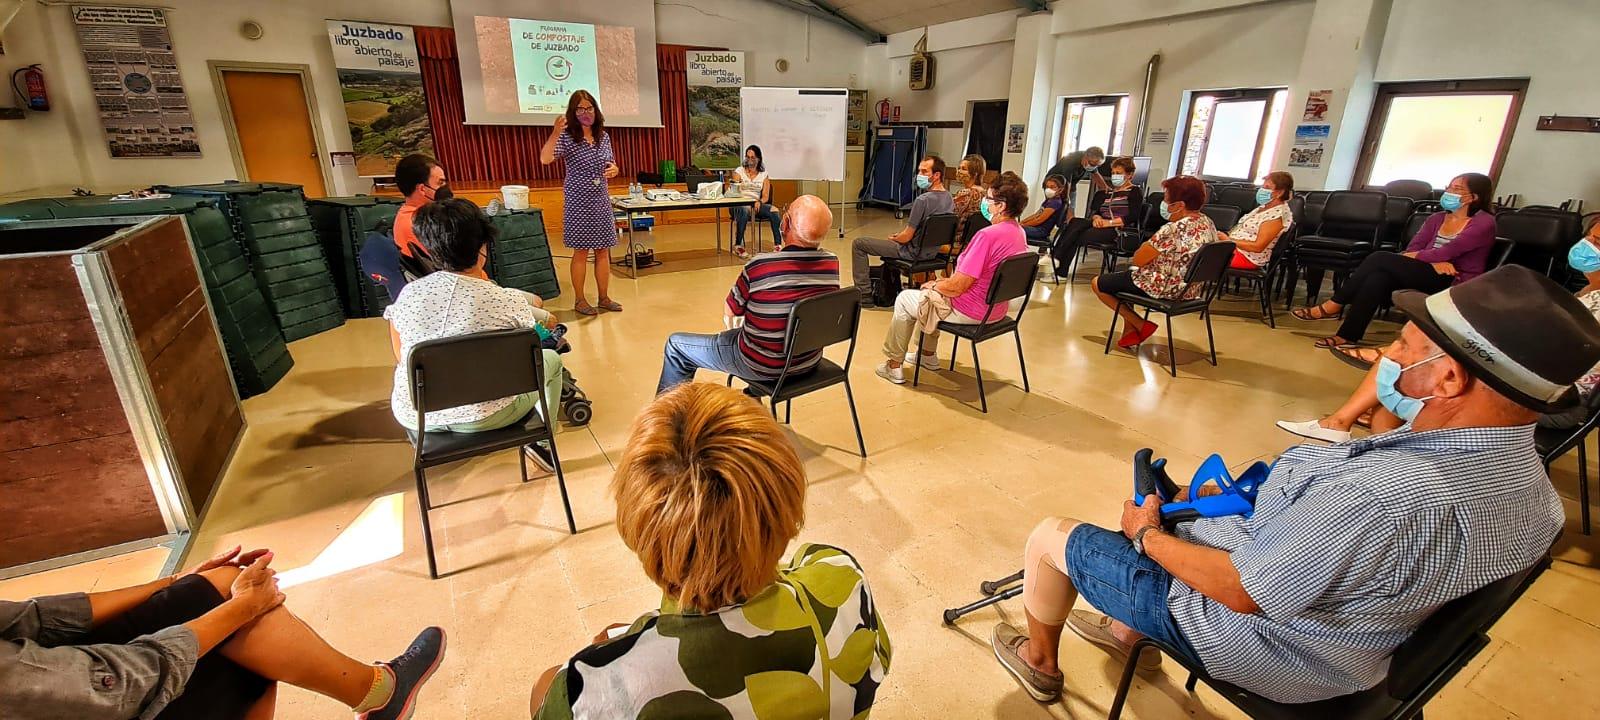 El salón de actos de Juzgado donde tuvo lugar la presentación del programa 'Juzbado Orgánico'.